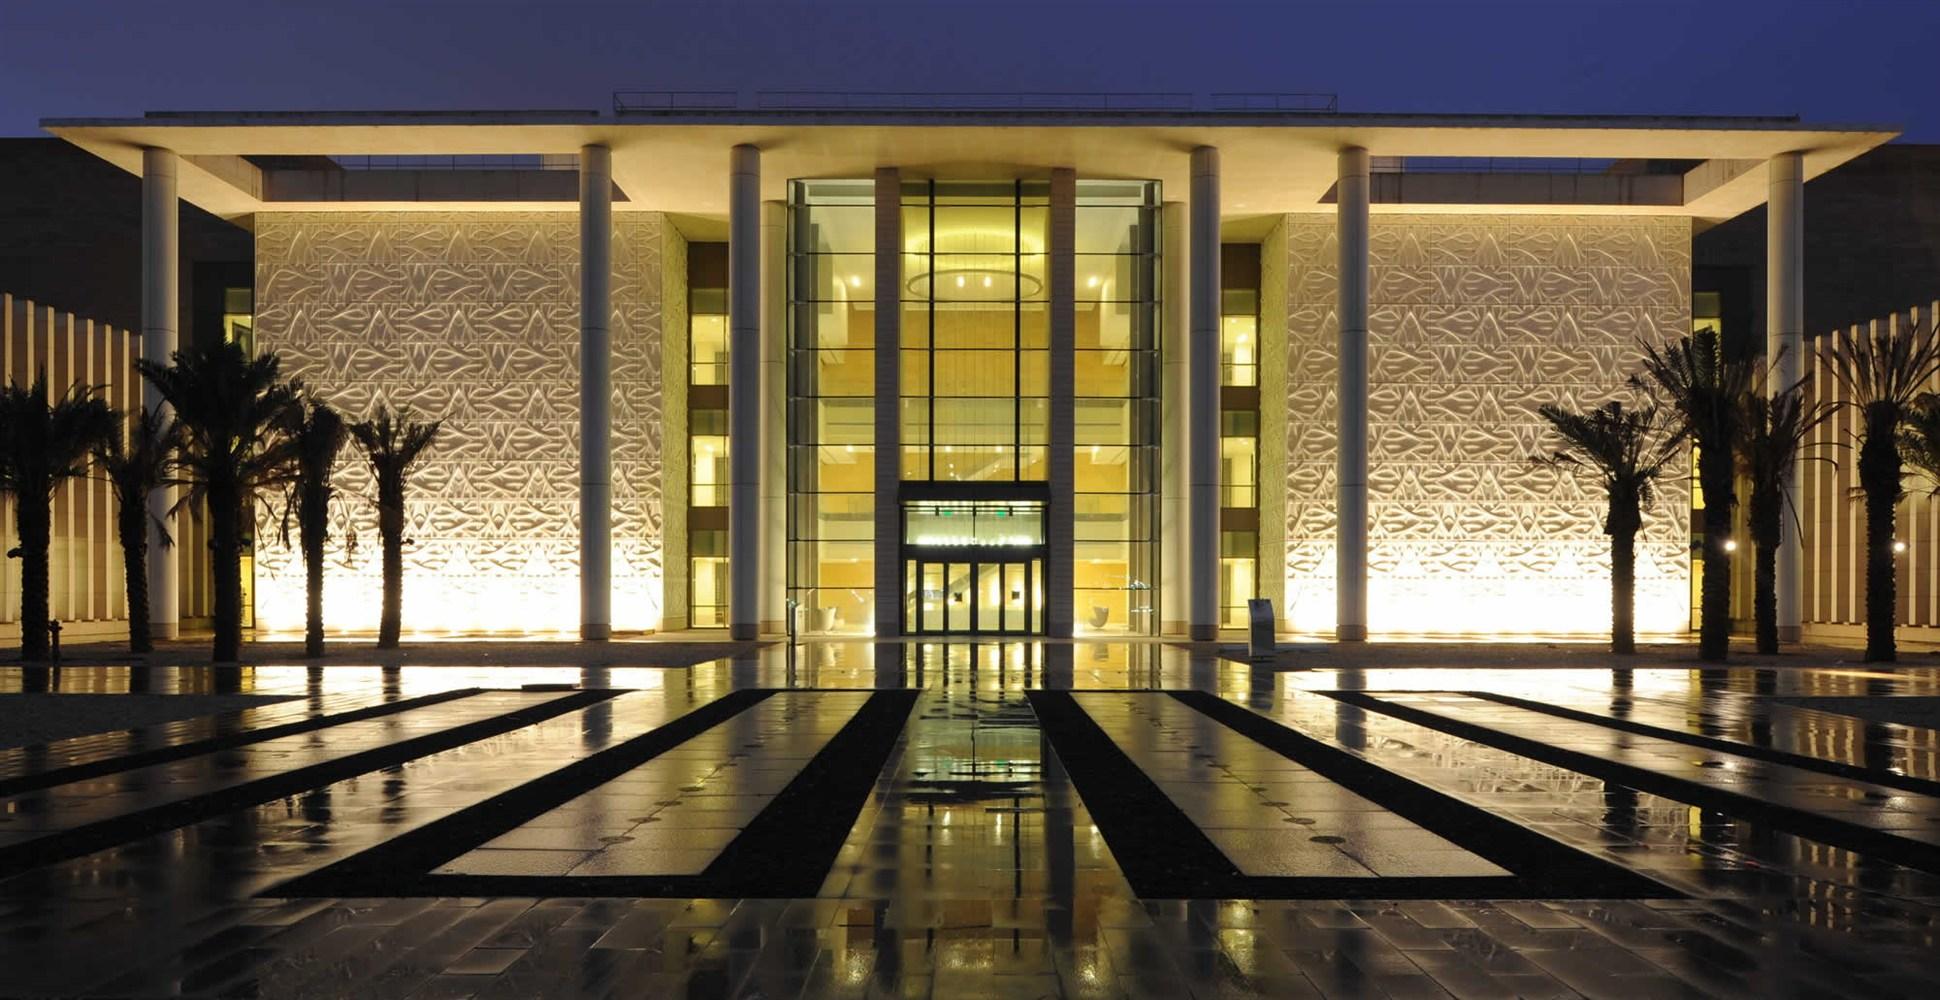 <p>Princess Noura university</p>